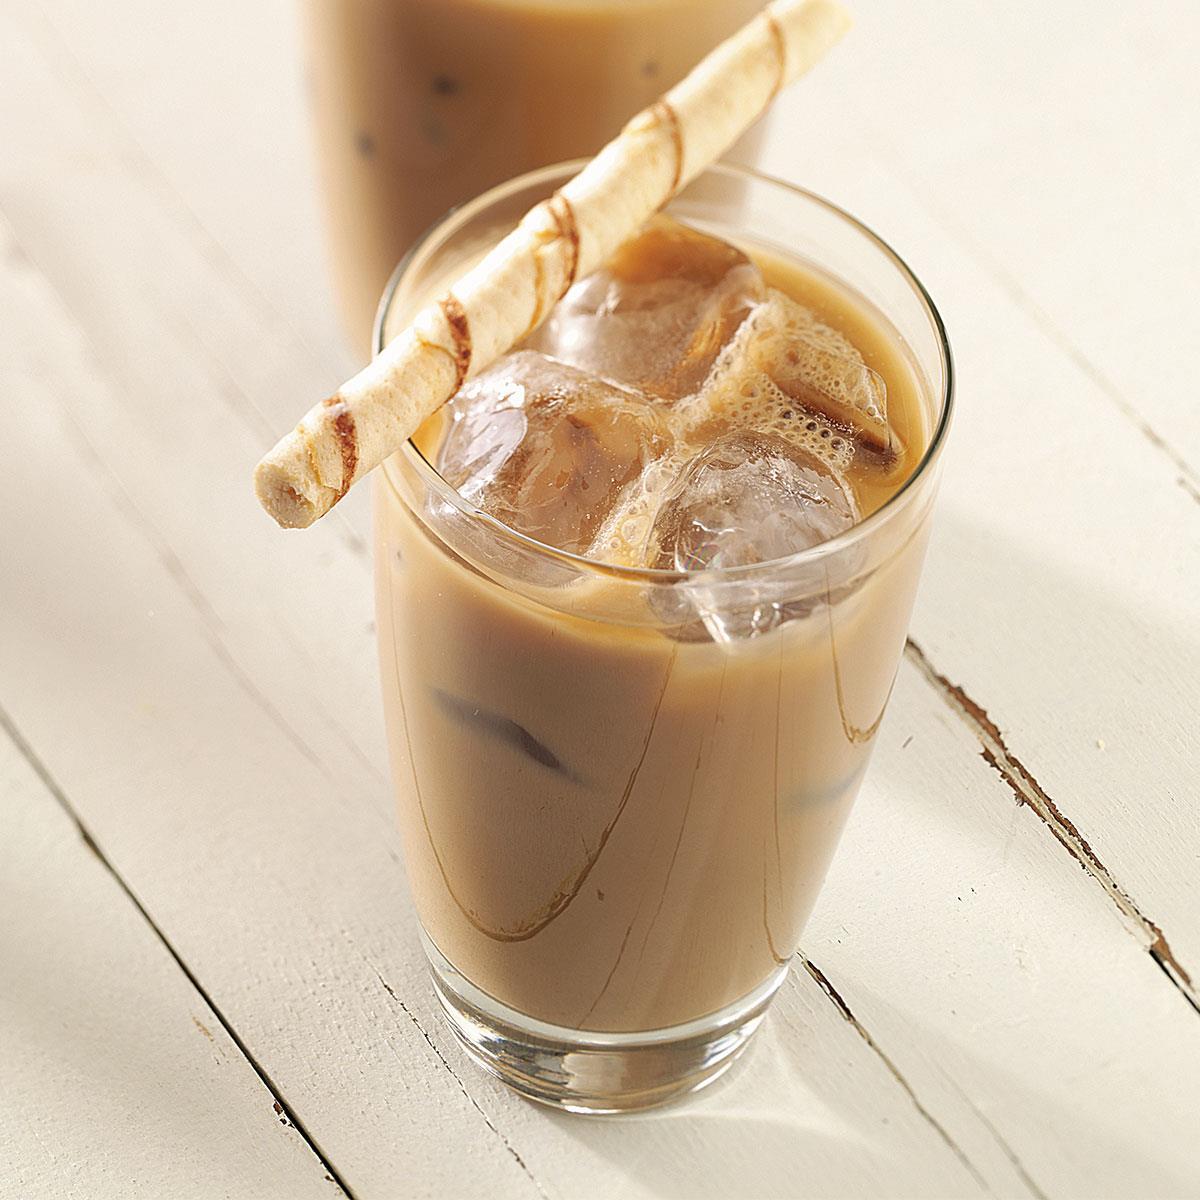 холодный кофе с молоком